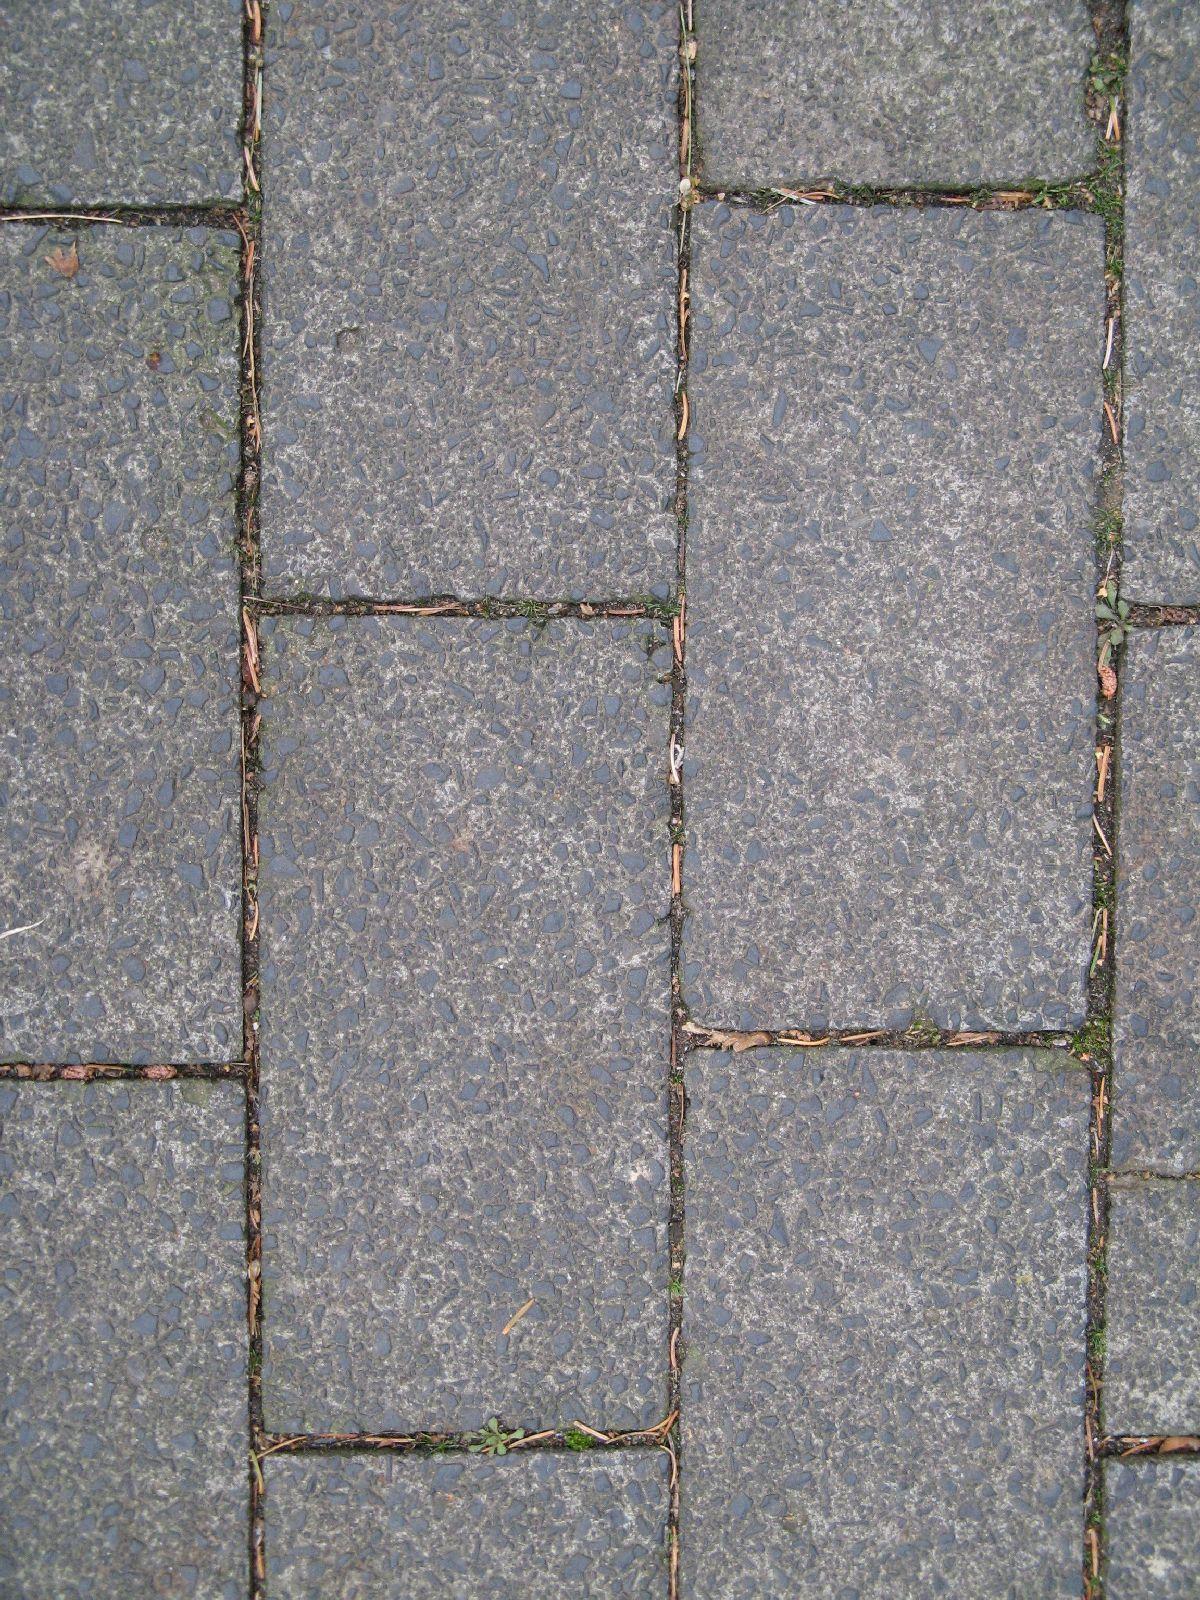 Ground-Urban_Texture_B_0722